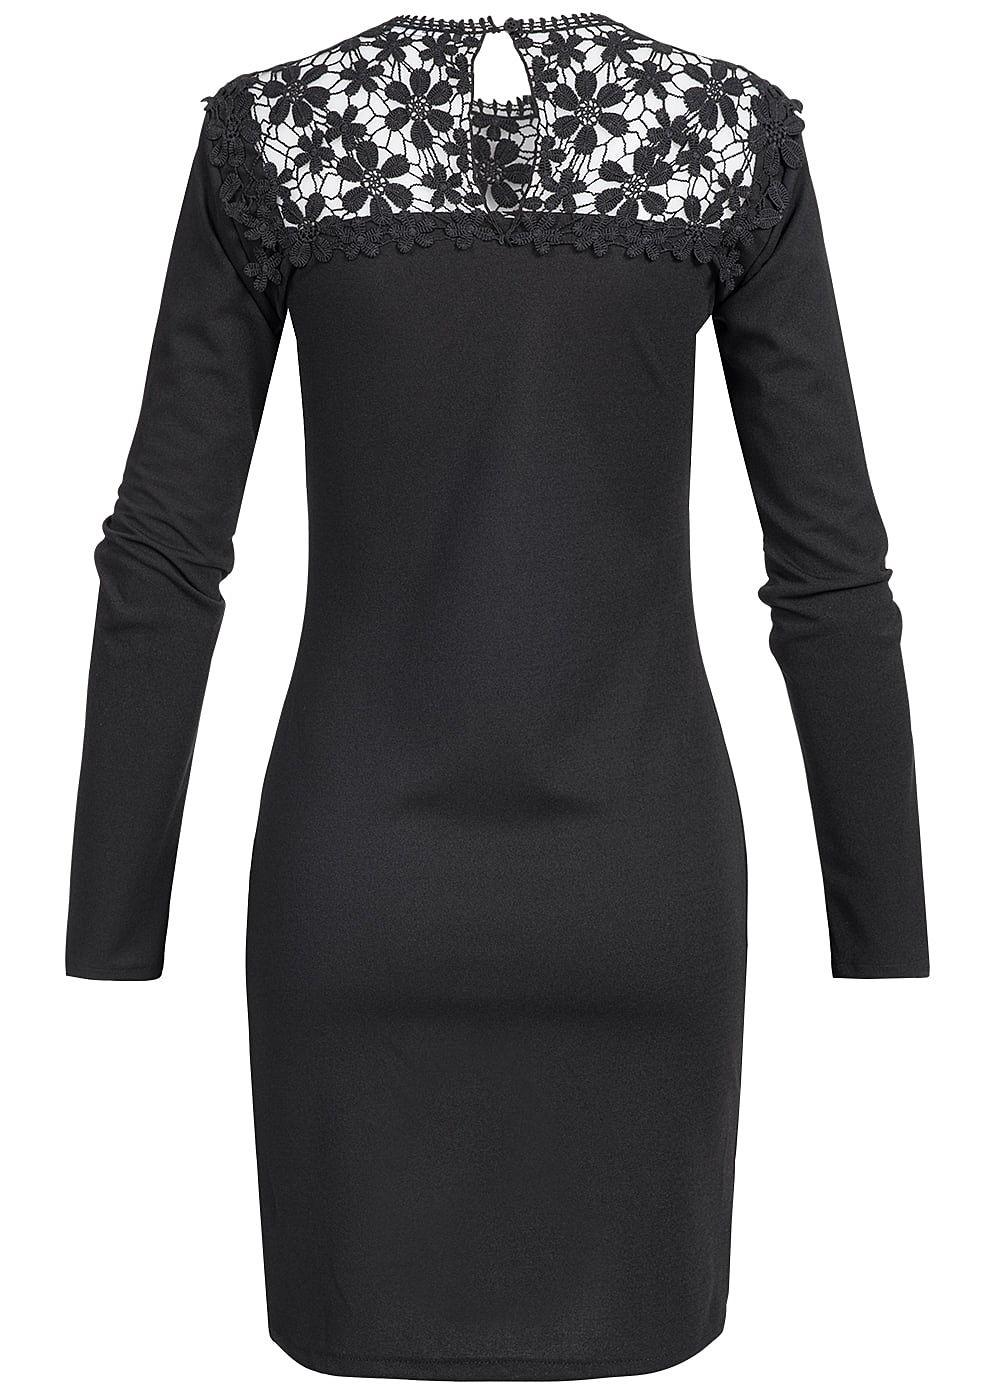 Styleboom Fashion Damen Mini Kleid Langarm Spitze schwarz - 77onlineshop